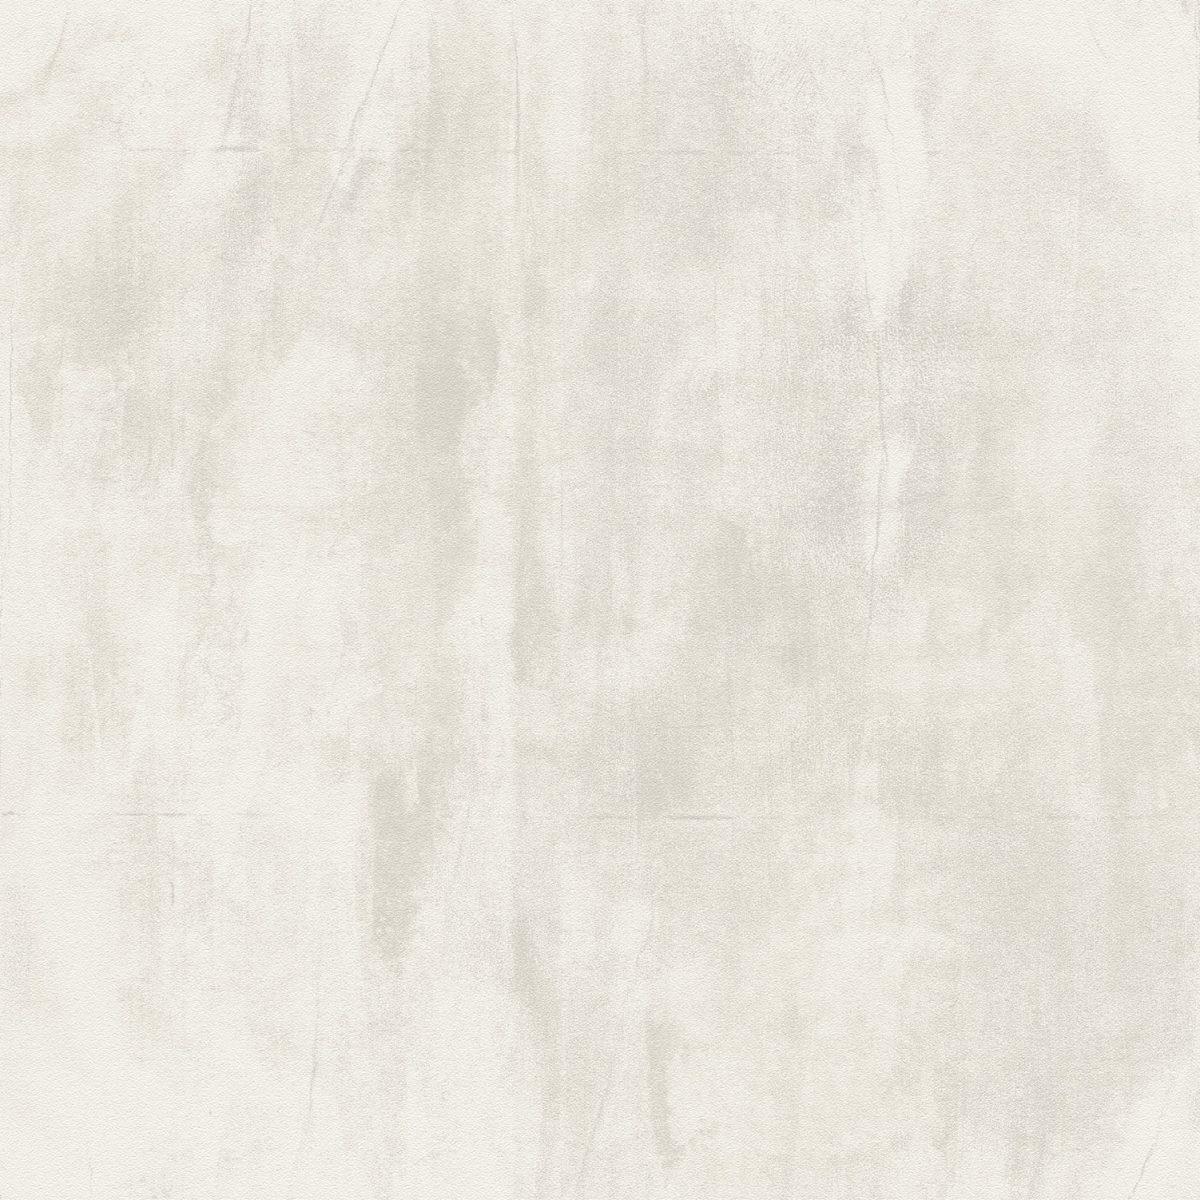 Papel de parede cimento queimado vinílico